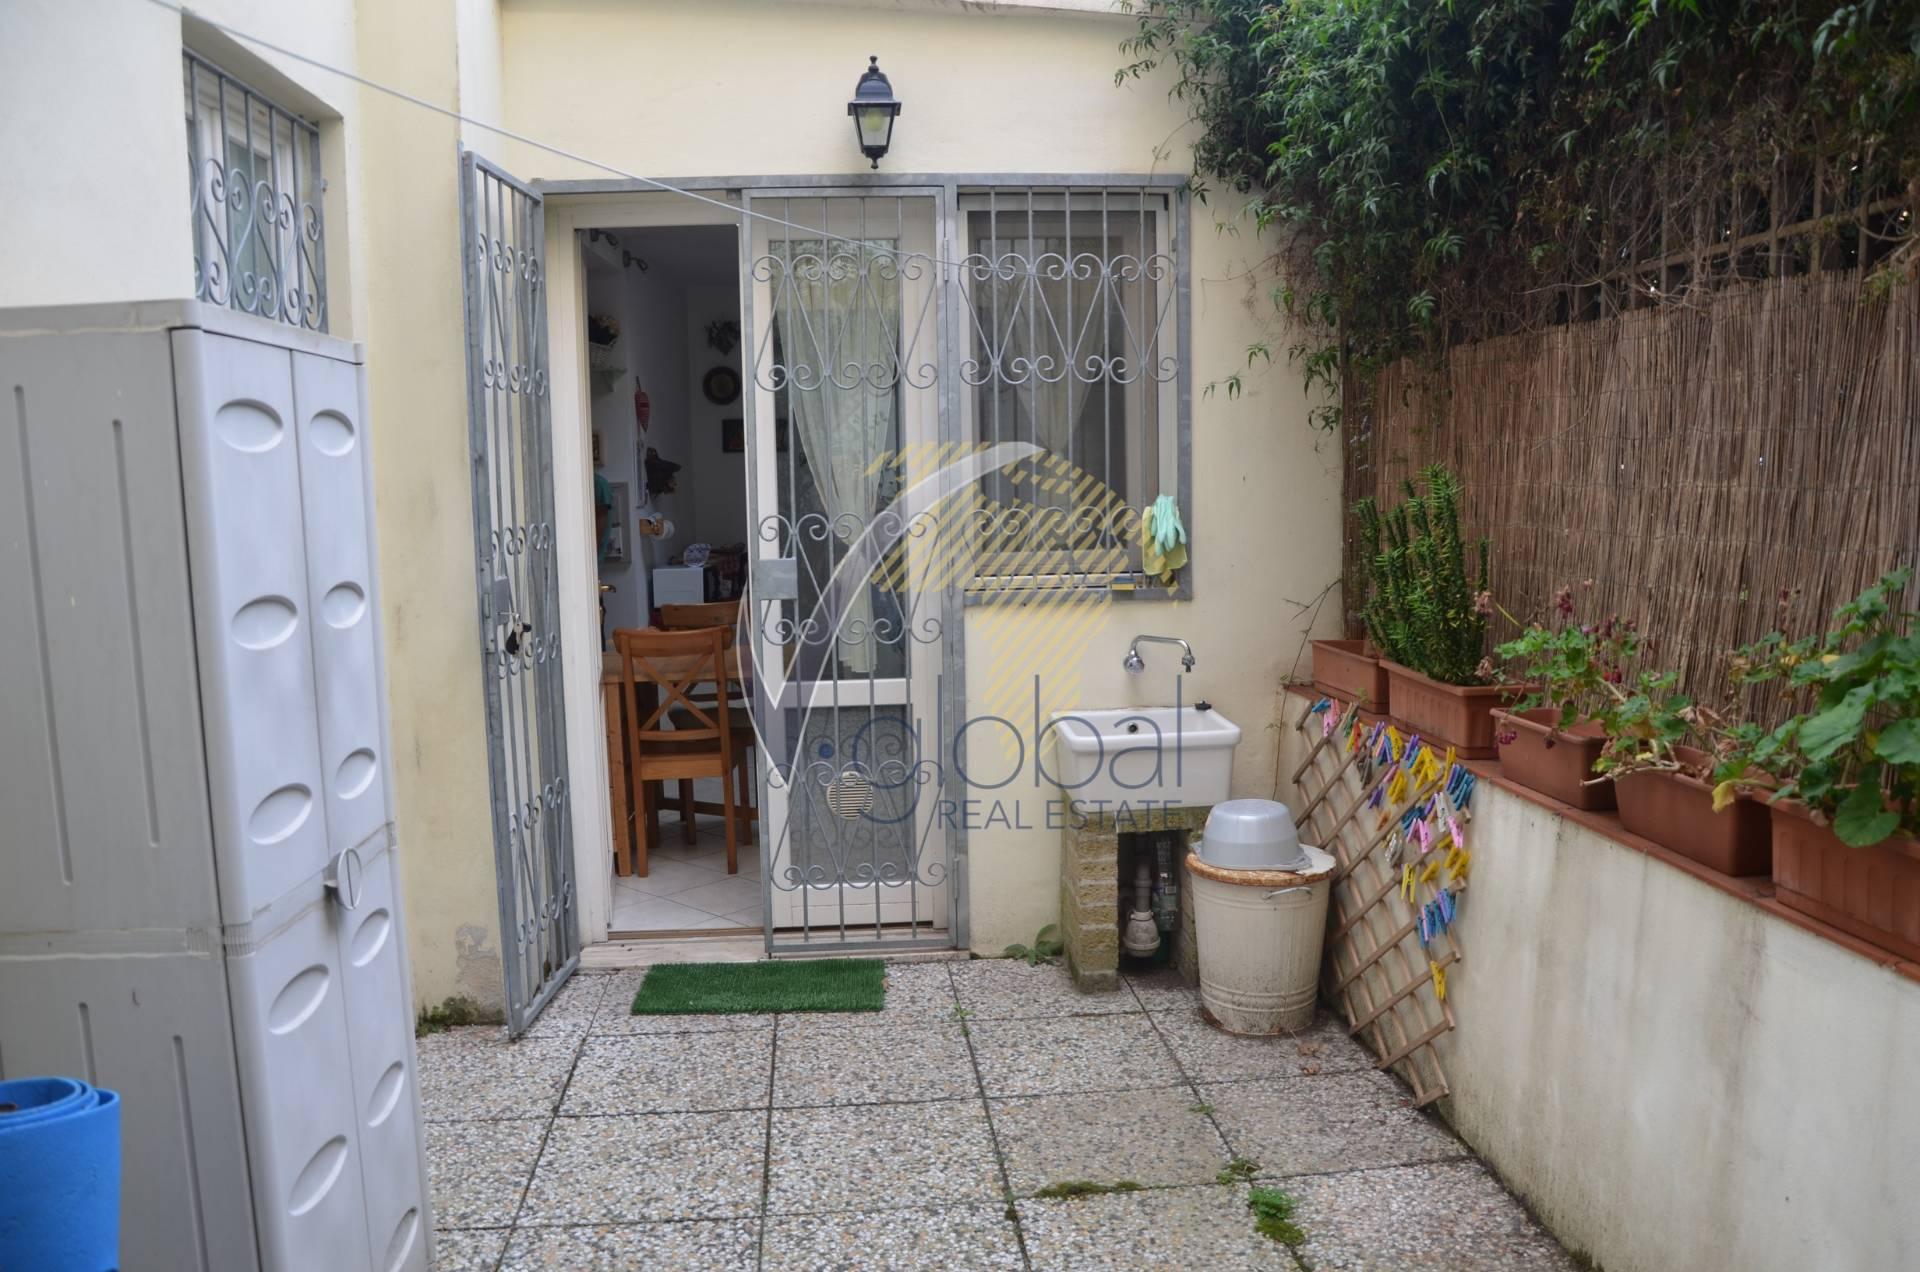 Appartamento in vendita a Livorno, 2 locali, zona Zona: Lungomare, prezzo € 120.000 | Cambio Casa.it